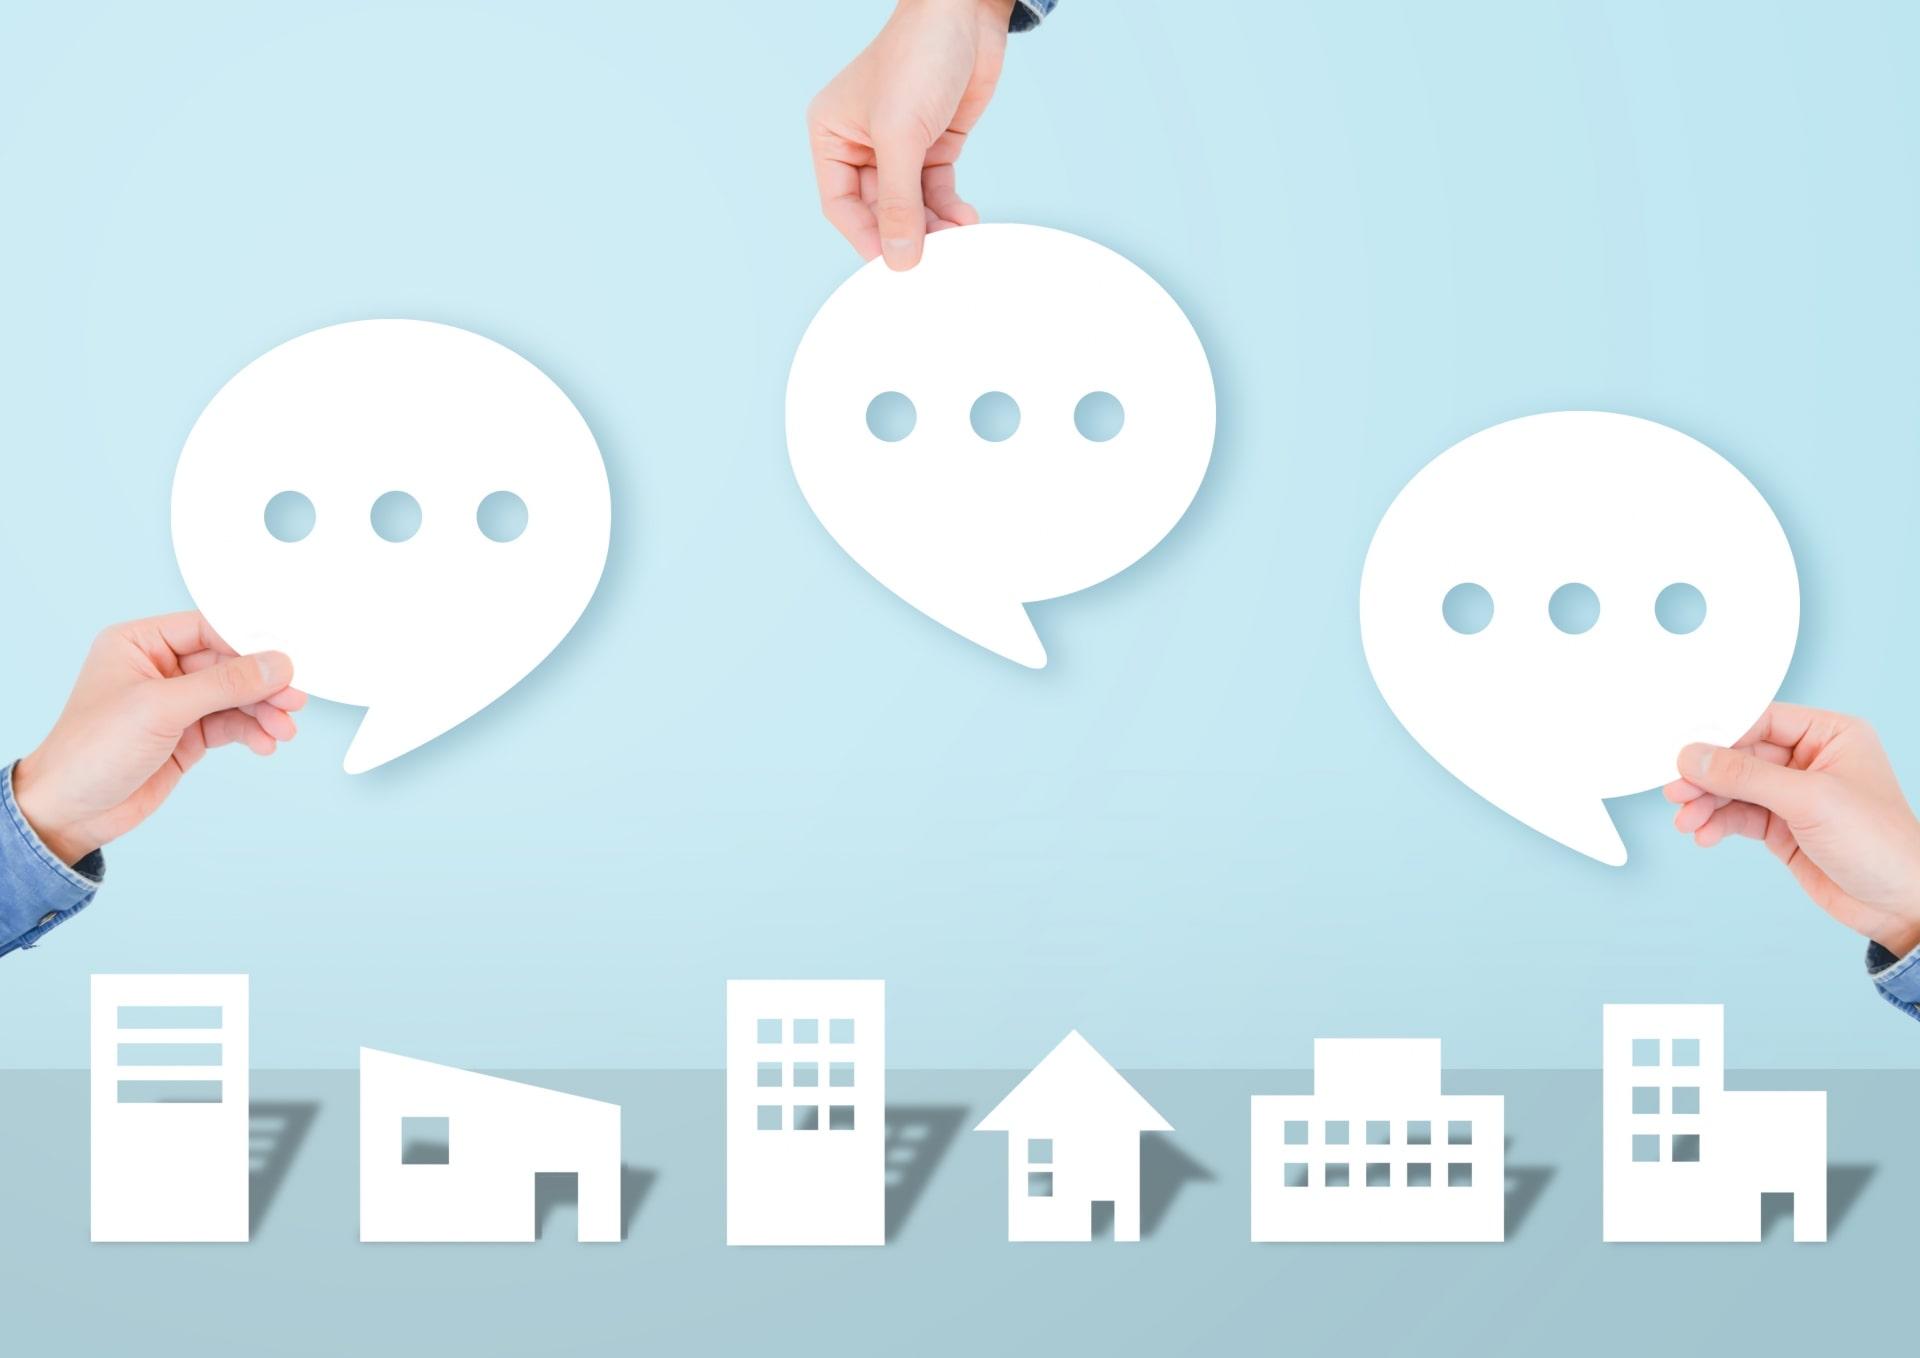 マンション管理適正評価制度とは?評価項目とその活用法を解説